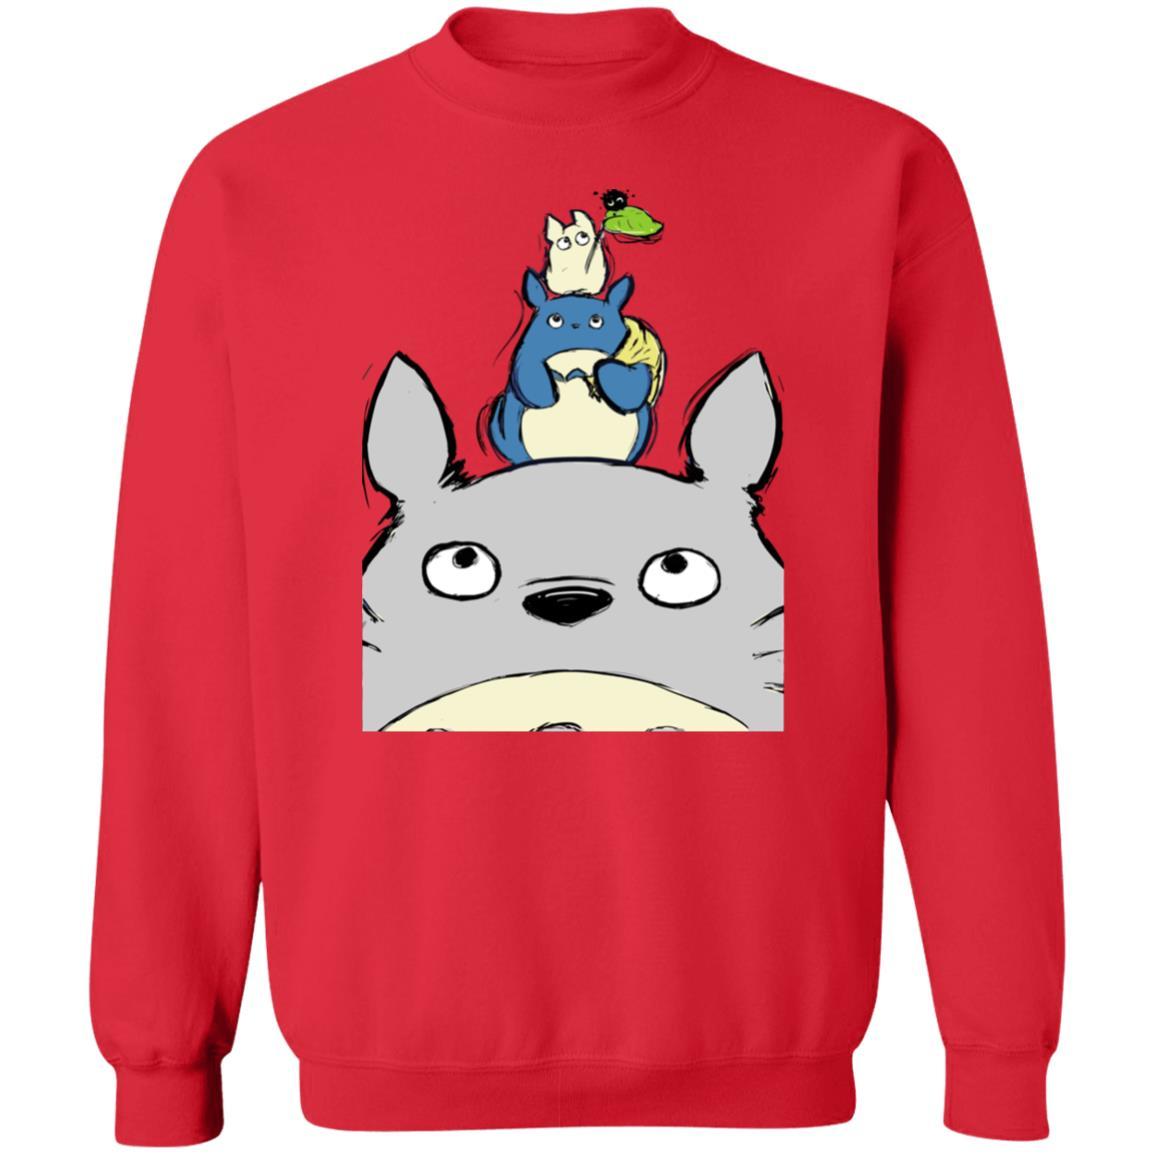 Totoro Family Sweatshirt